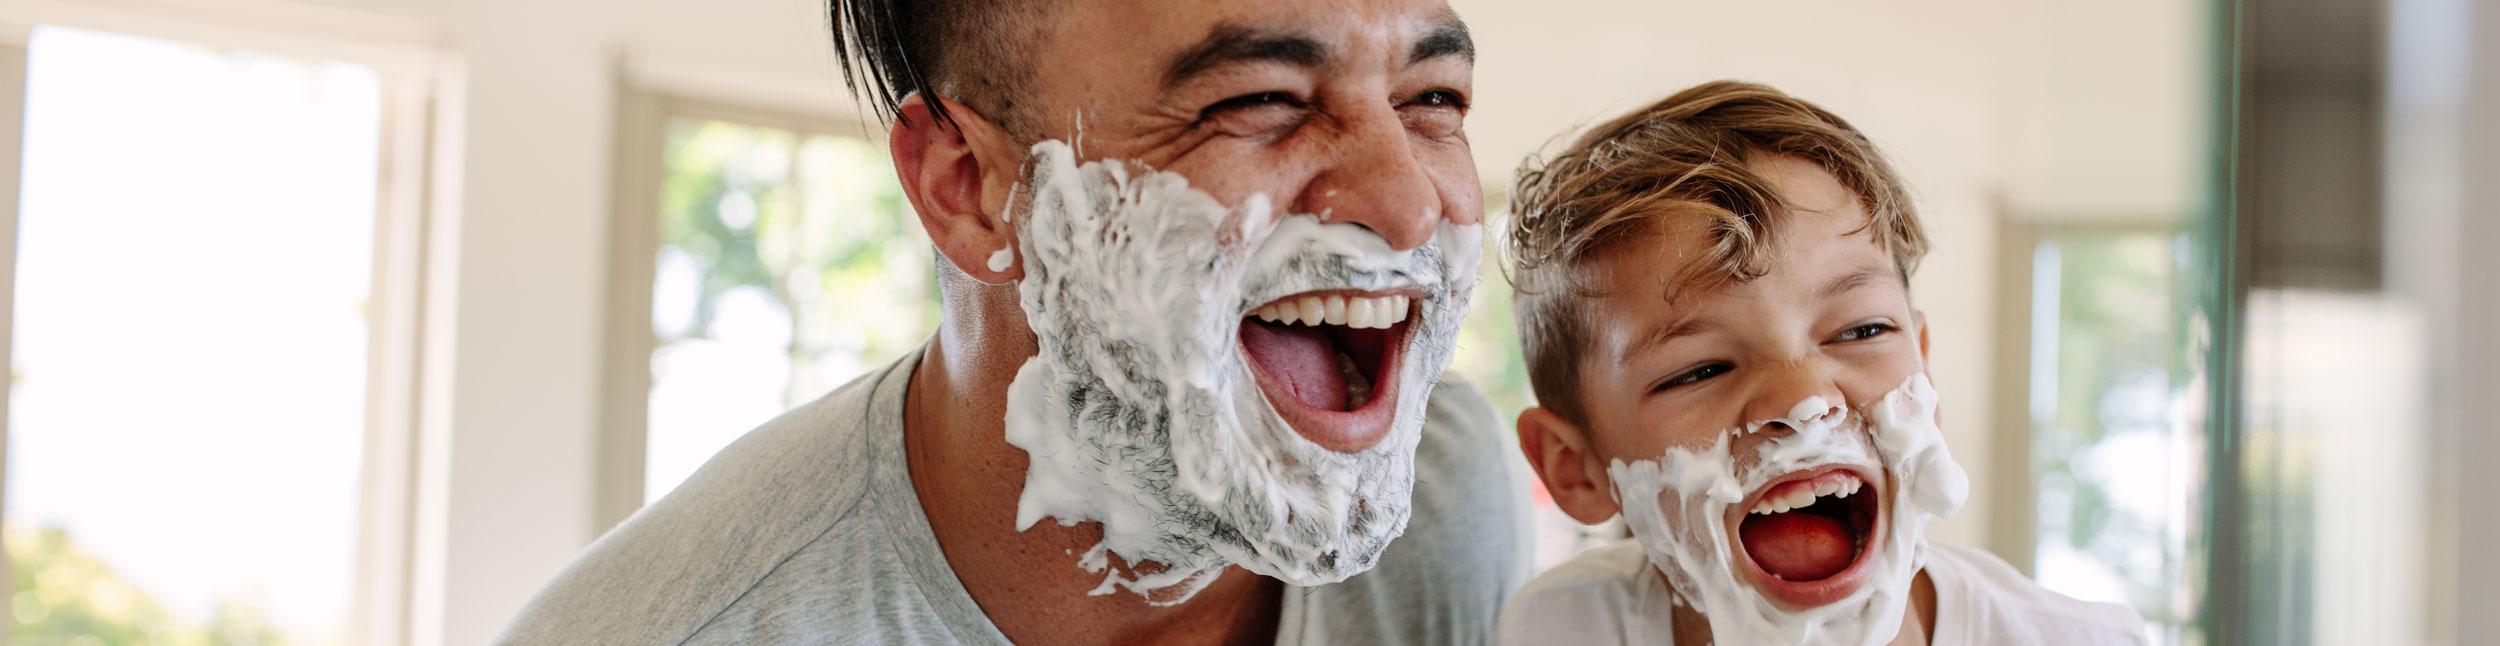 Mann und Junge lachen mit Rasierschaum im Gesicht.